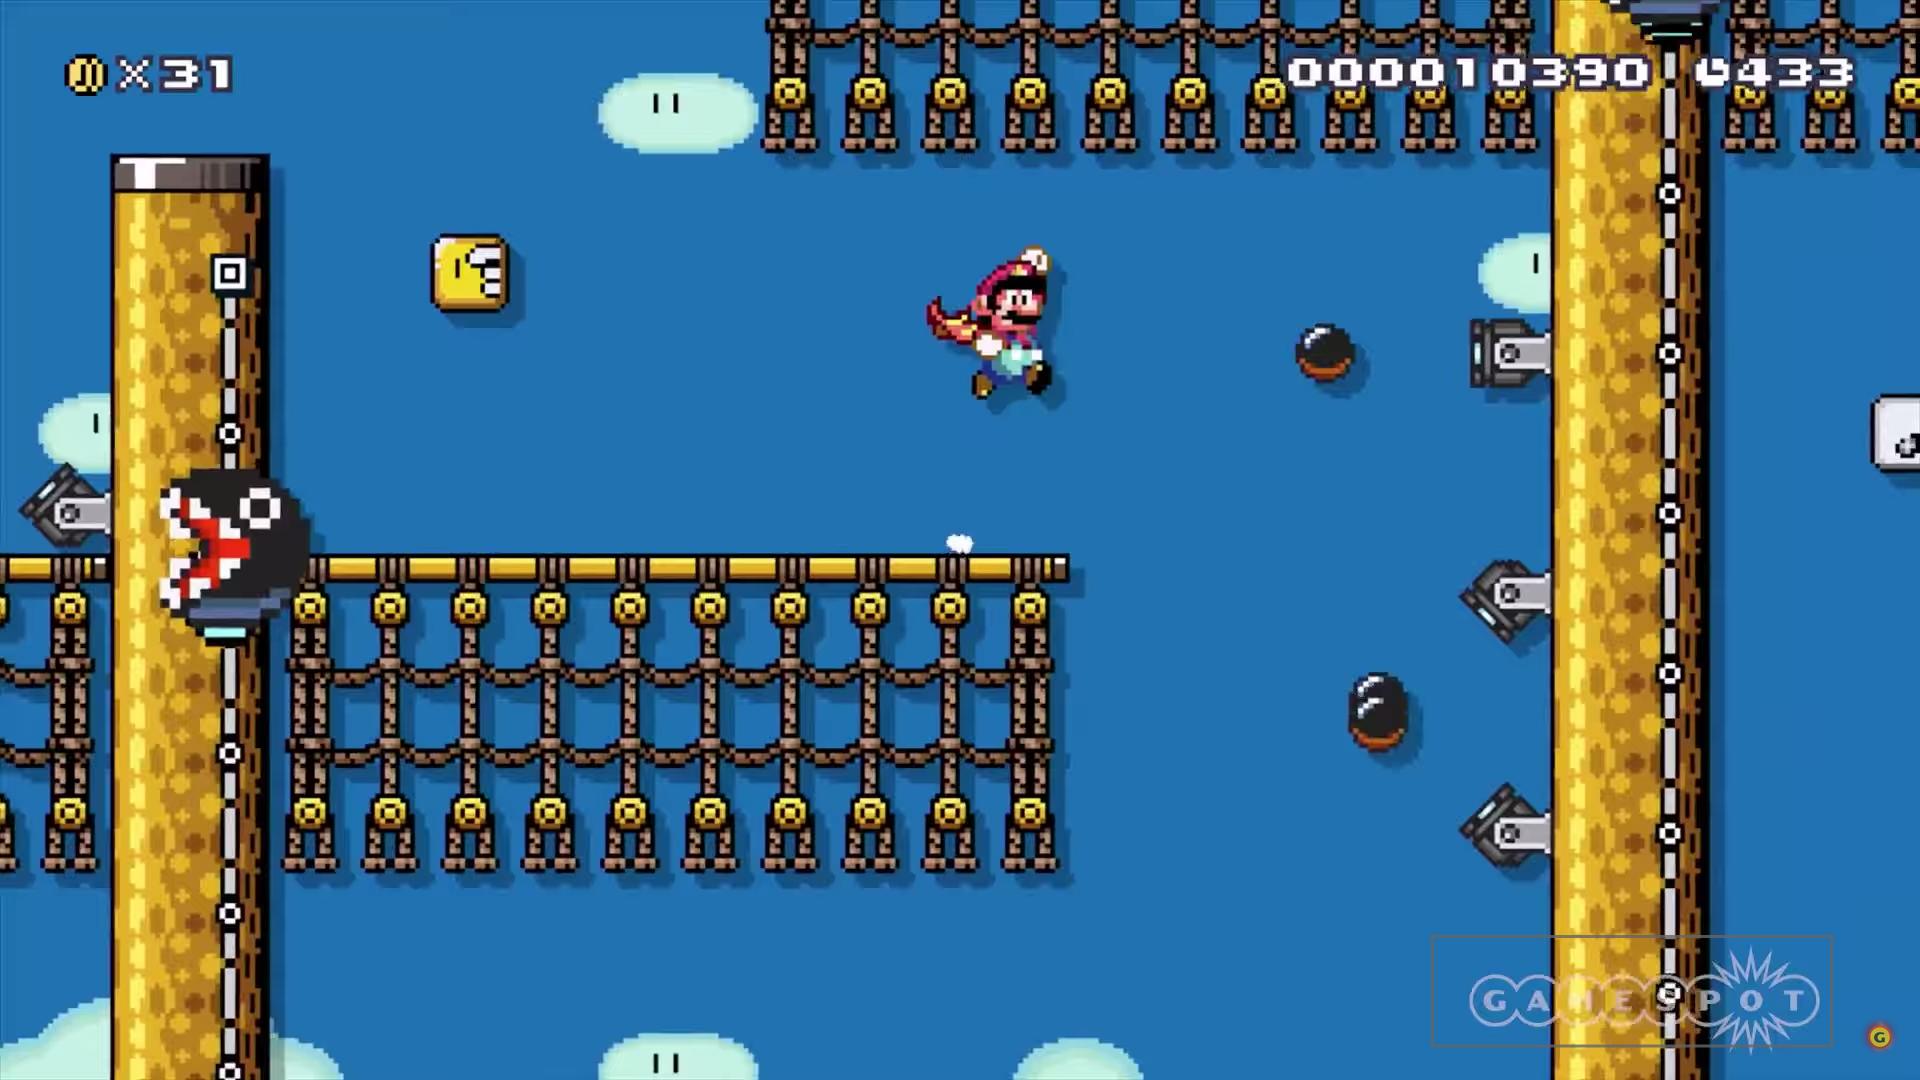 Zwycięski poziom hackatonu Super Mario Maker